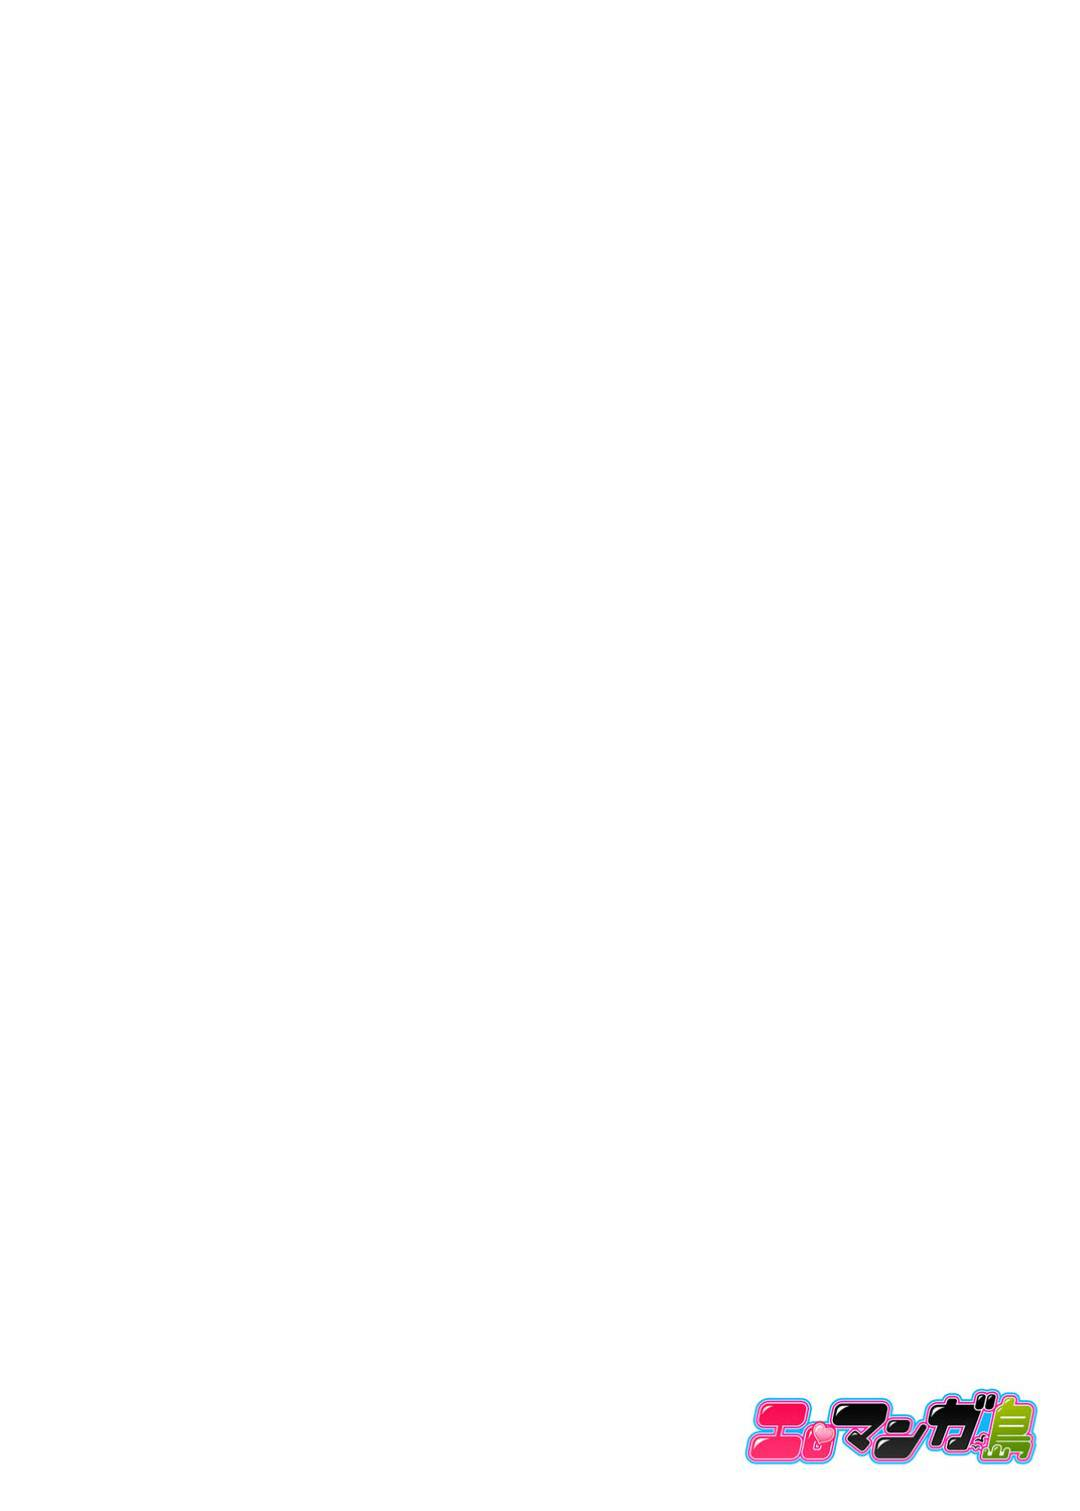 【エロ漫画】ギャルとは無縁の地味な男子生徒…幼馴染のギャルJKからローターの使い方を聞かれそのまま処女喪失セックスから学校でも中出しセックス【すいかソーダ:おもちゃが挿入ってくる…!今、幼馴染ギャルとエッチしてます】